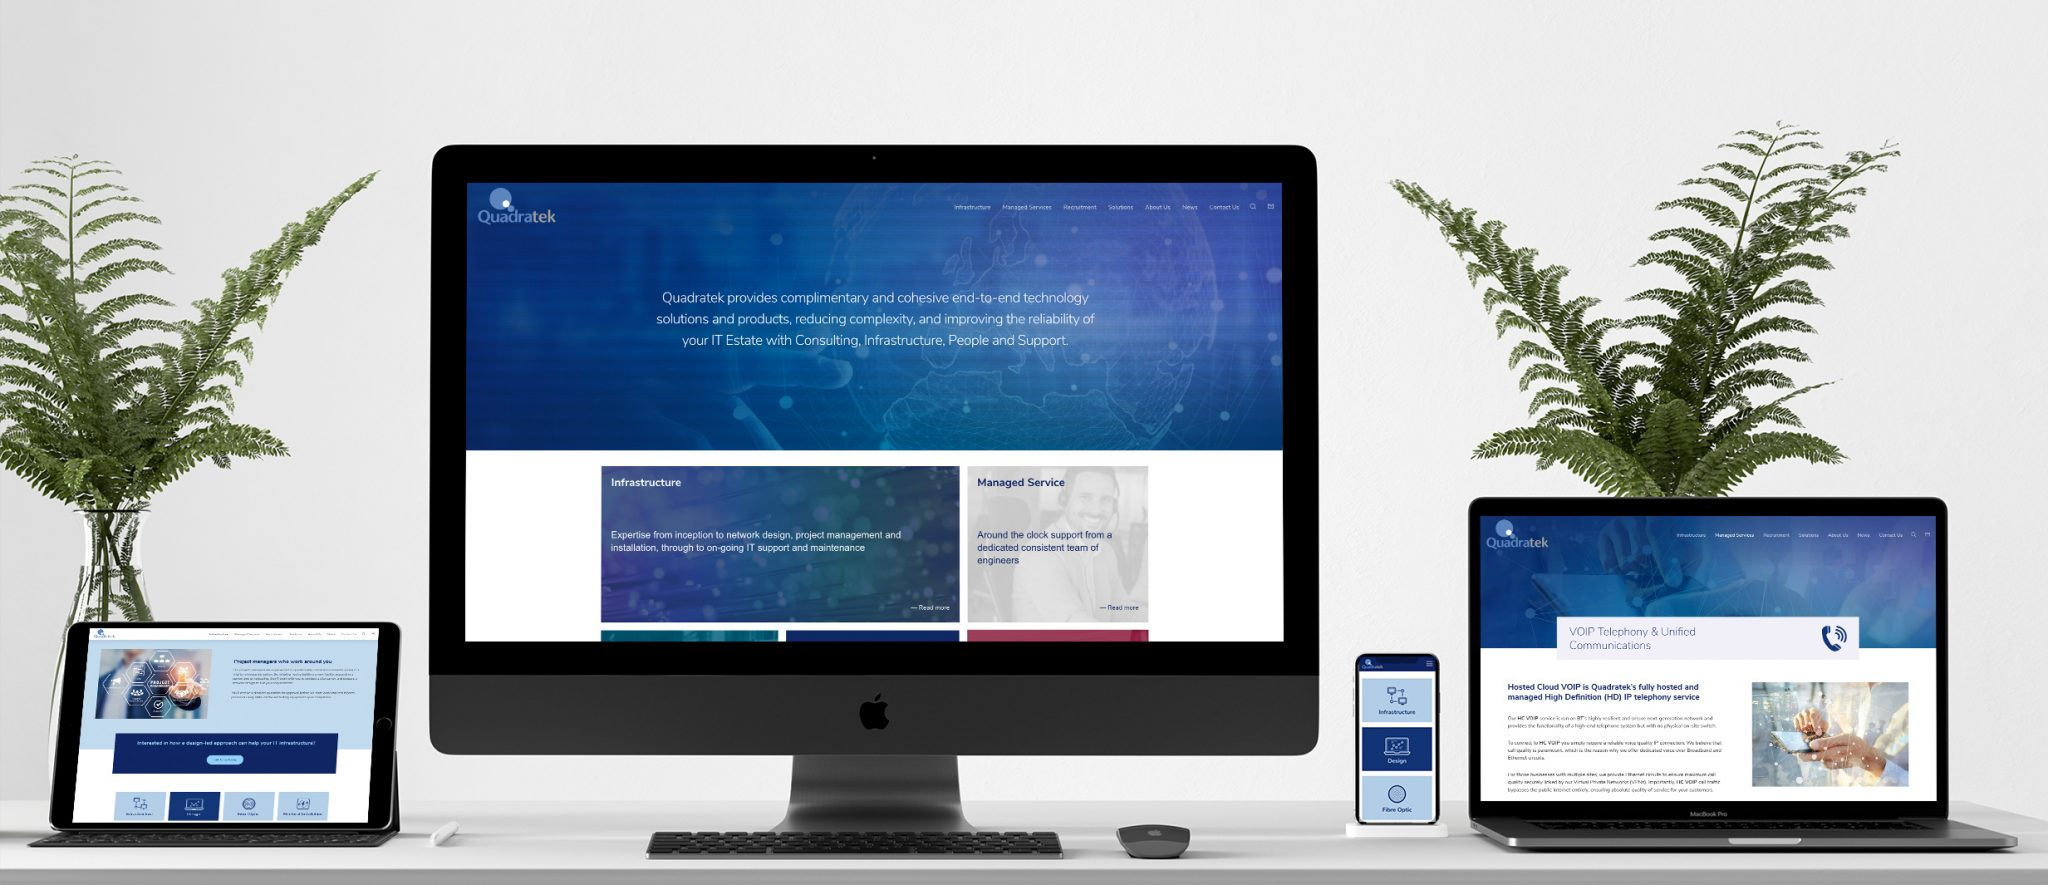 Quadratek website design & build